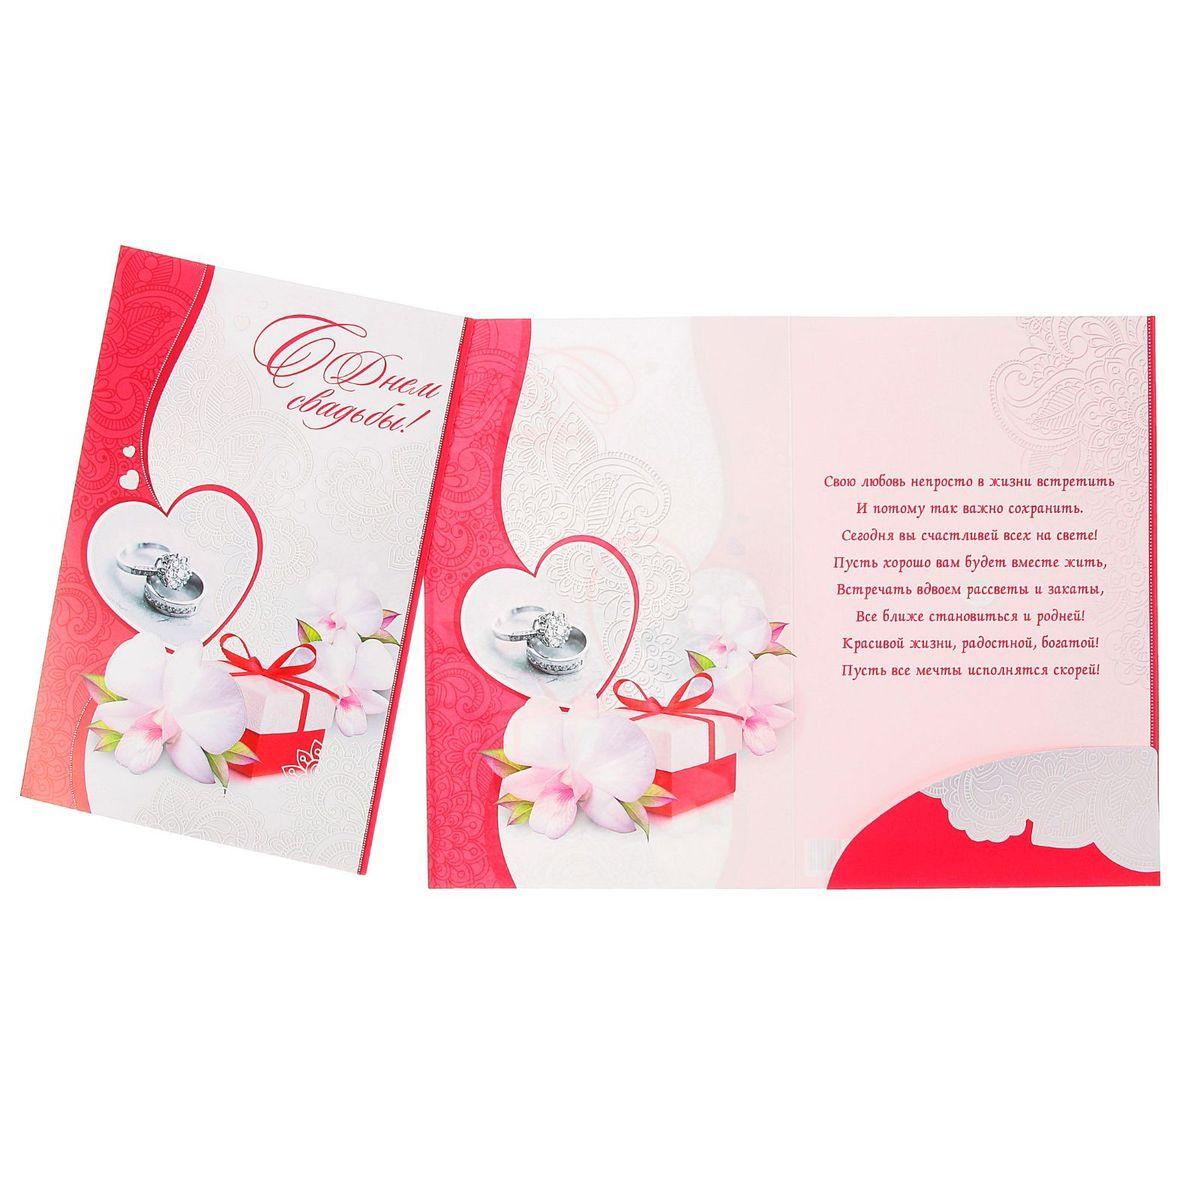 Открытка Мир открыток С Днем свадьбы! КольцаUP210DFЕсли вы хотите порадовать себя или близких, создать праздничное настроение и с улыбкой провести памятный день, то вы, несомненно, сделали правильный выбор! Открытка Мир открыток С Днем свадьбы! Кольца, выполненная из картона, отличается не только оригинальным дизайном, но и высоким качеством.Лицевая сторона изделия оформлена красивым изображением колец и цветов, а также изысканным узором. Внутри открытка содержит текст с поздравлением и карман для денег.Такая открытка непременно порадует получателя и станет отличным напоминанием о проведенном вместе времени.